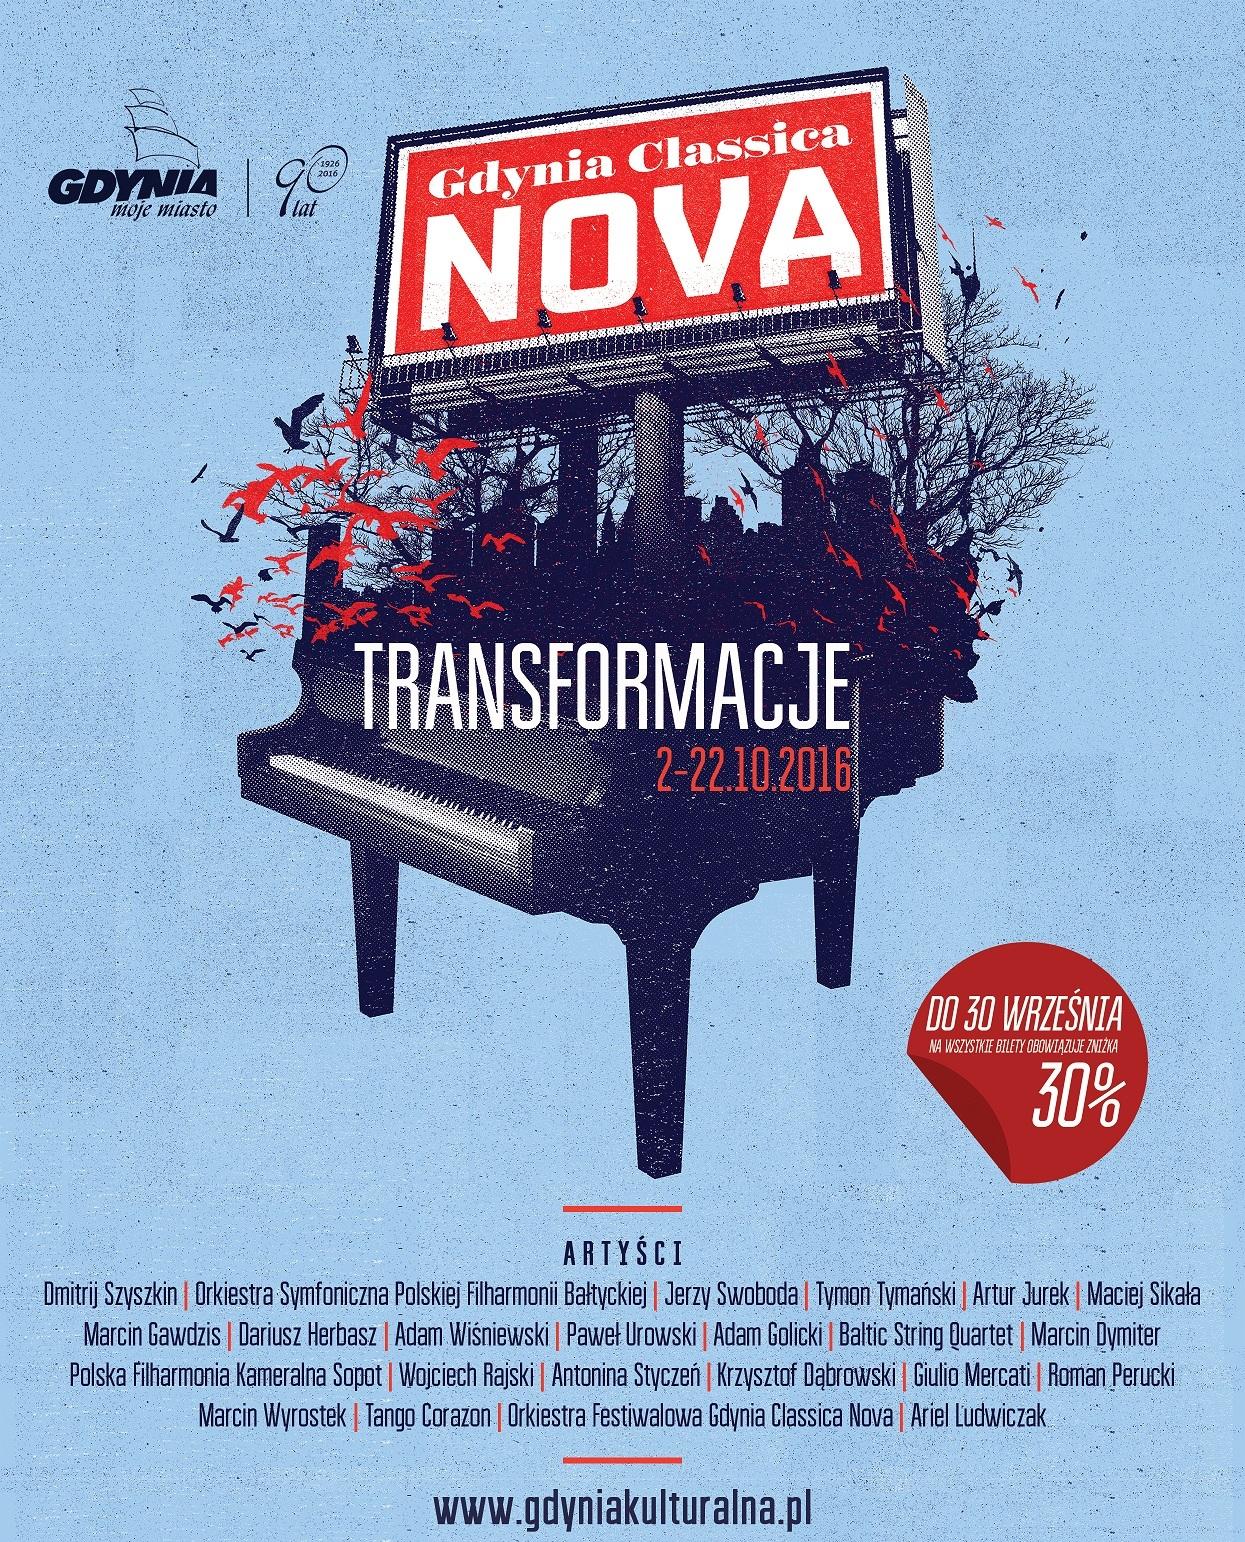 """""""Festiwal Gdynia Classica Nova"""" – plakat (źródło: materiały prasowe organizatora)"""